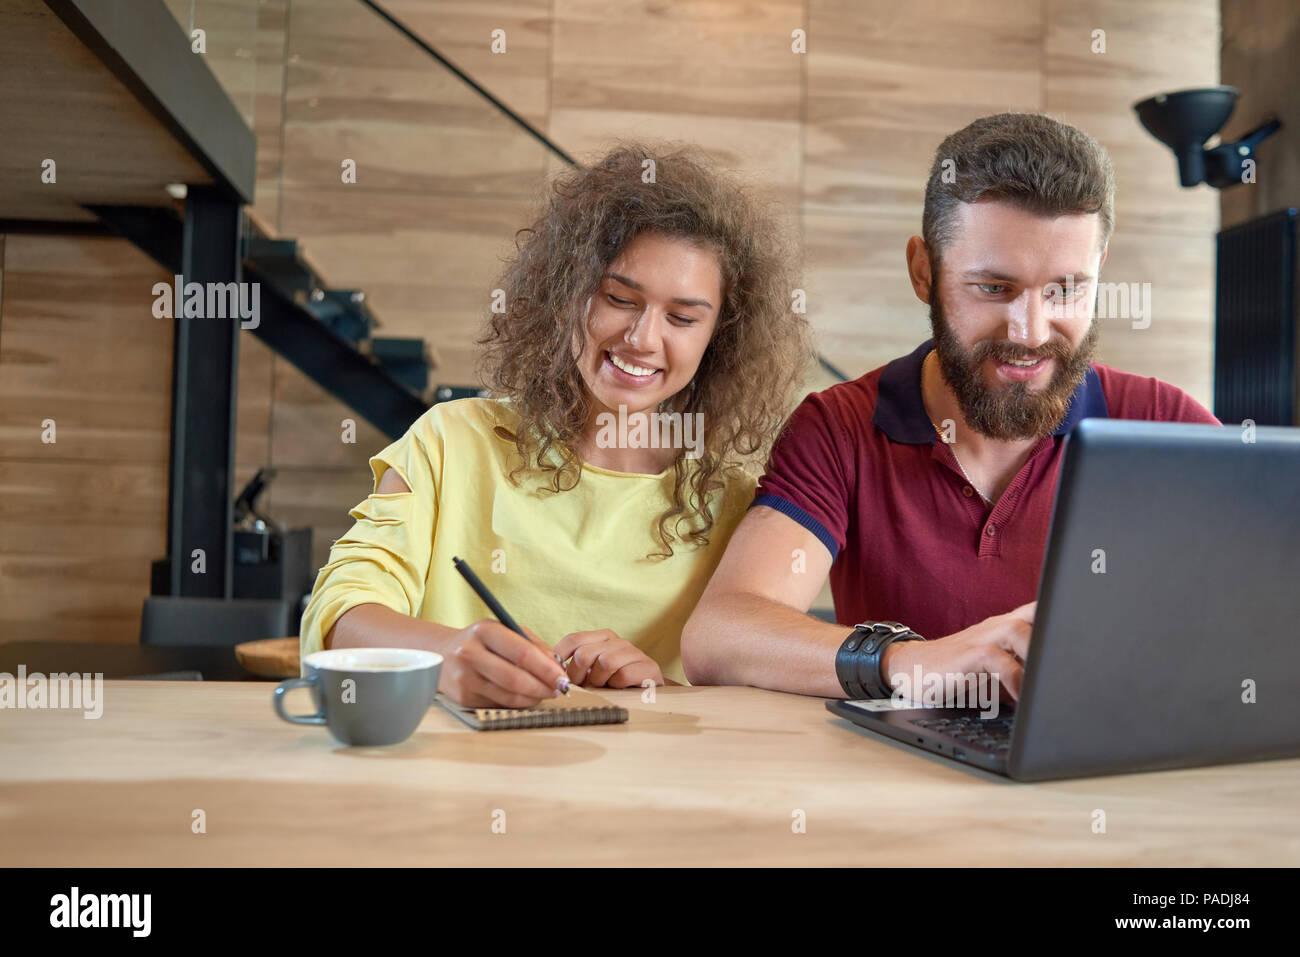 Estudio de estudiantes sentados en una cómoda cafetería, con laptop, sonriendo, riendo, bebiendo café estudiando, escribiendo notas. Posando sobre la mesa de madera con escaleras metálicas sobre fondo negro. Imagen De Stock